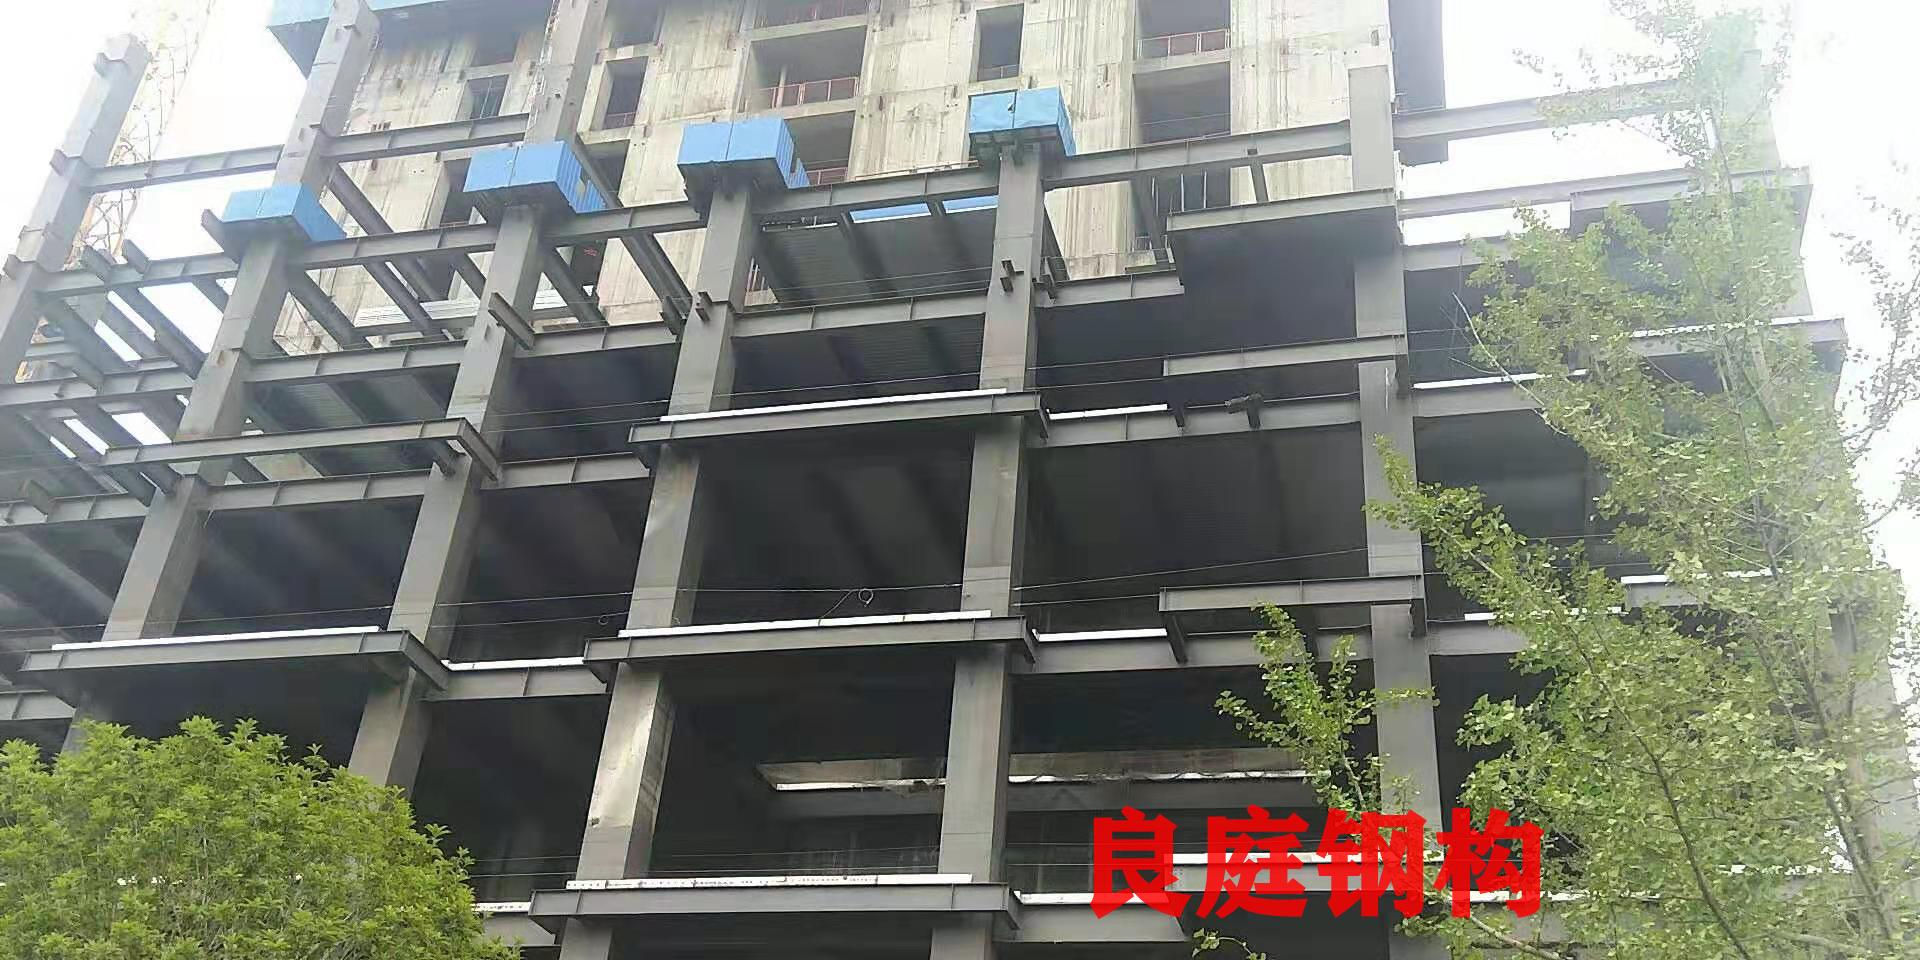 内江质量好的阳光房公司_上海阳光房相关-四川良庭建设工程有限公司